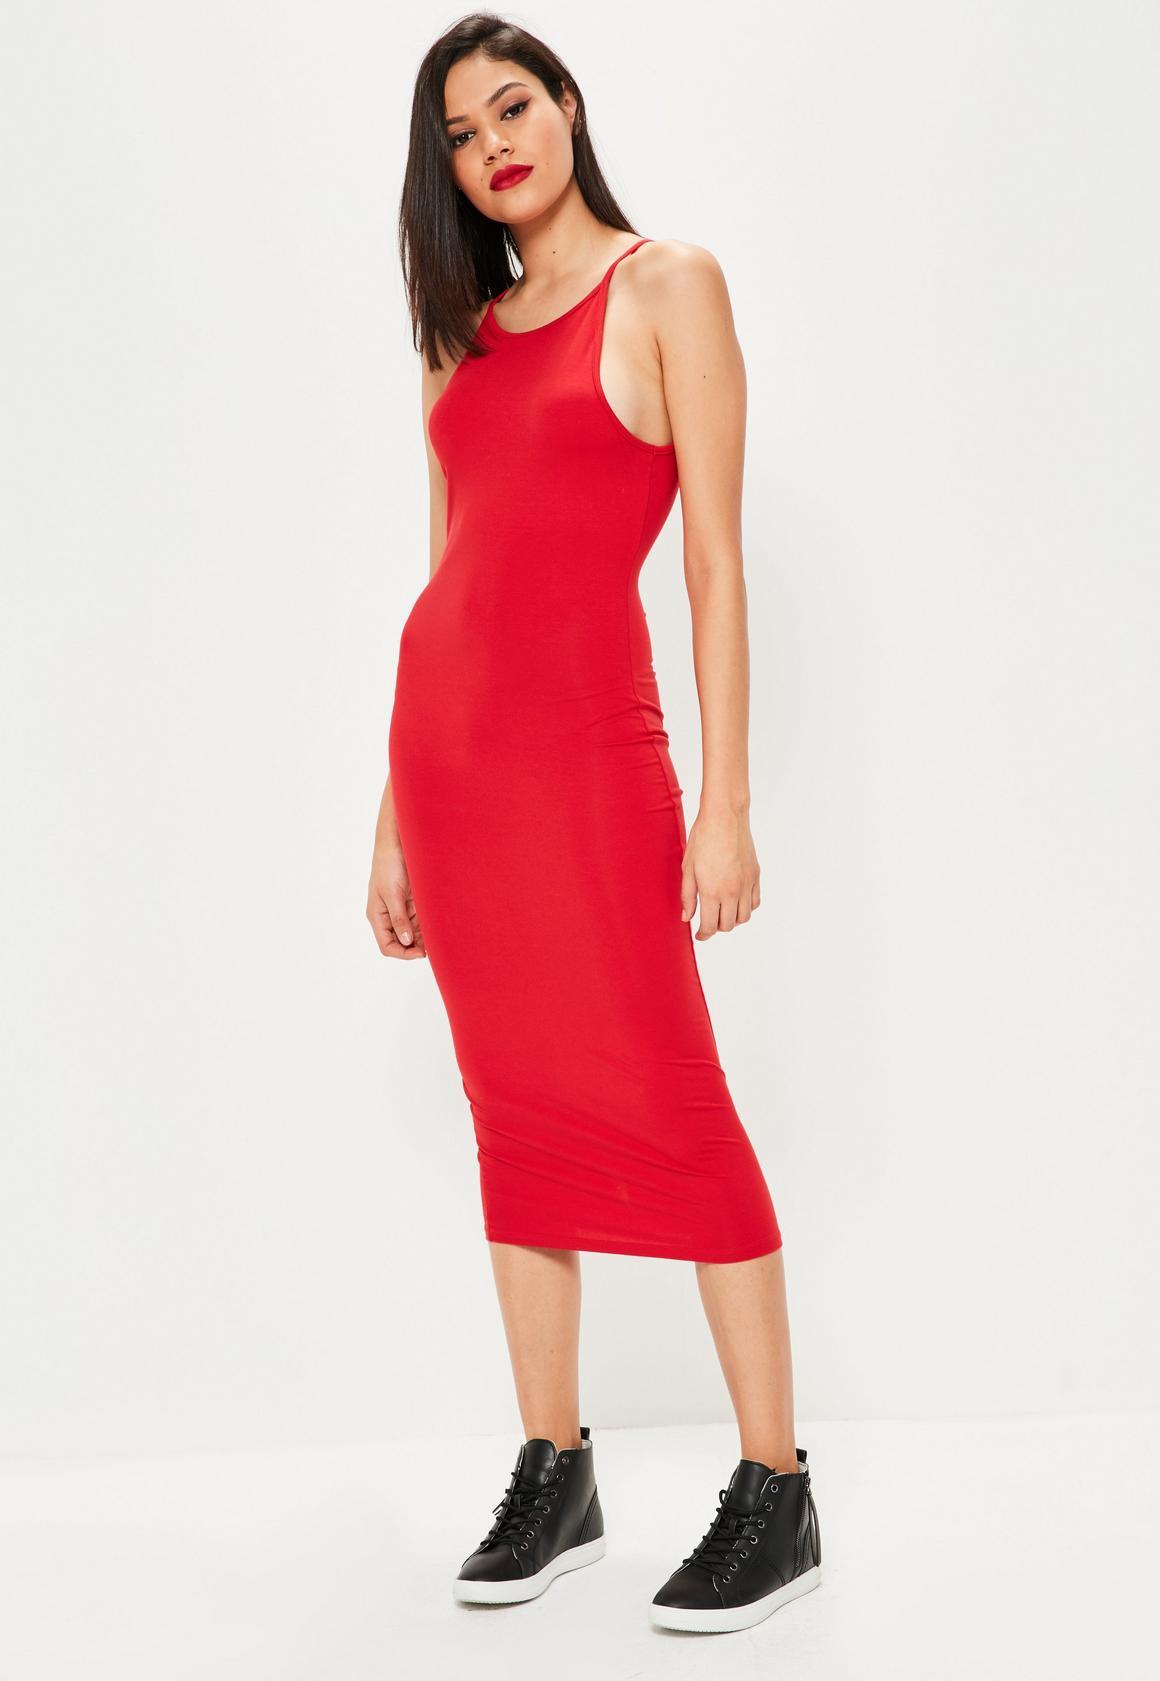 Kleid figurbetont rot | Trendige Kleider für die Saison 2018